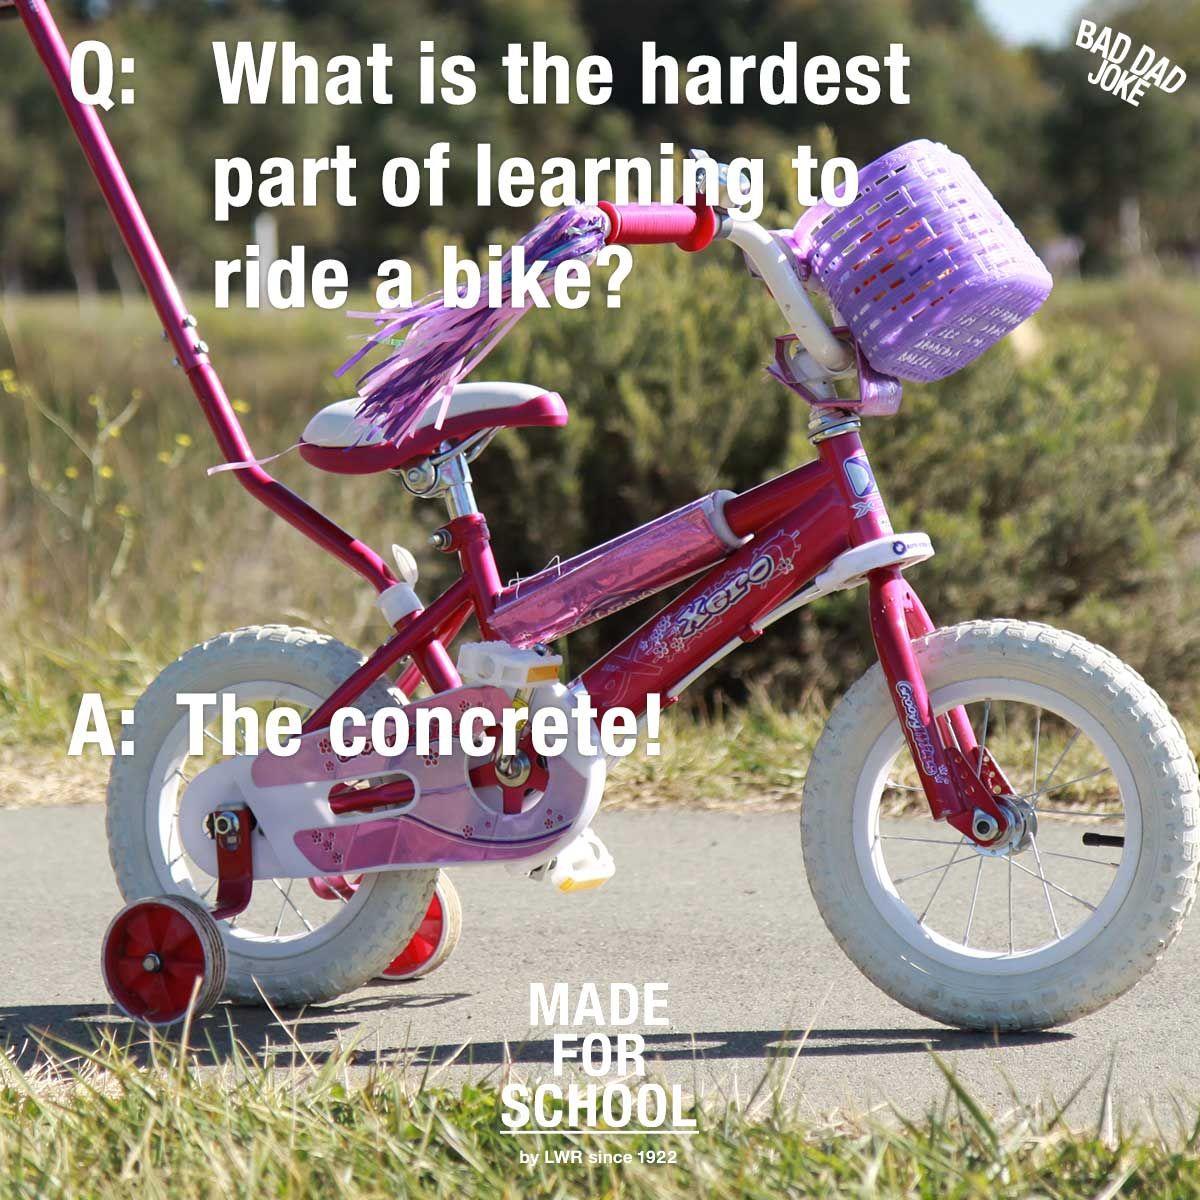 Bad Dad Joke Bike Riding Bike Ride Bad Dad Jokes Jokes